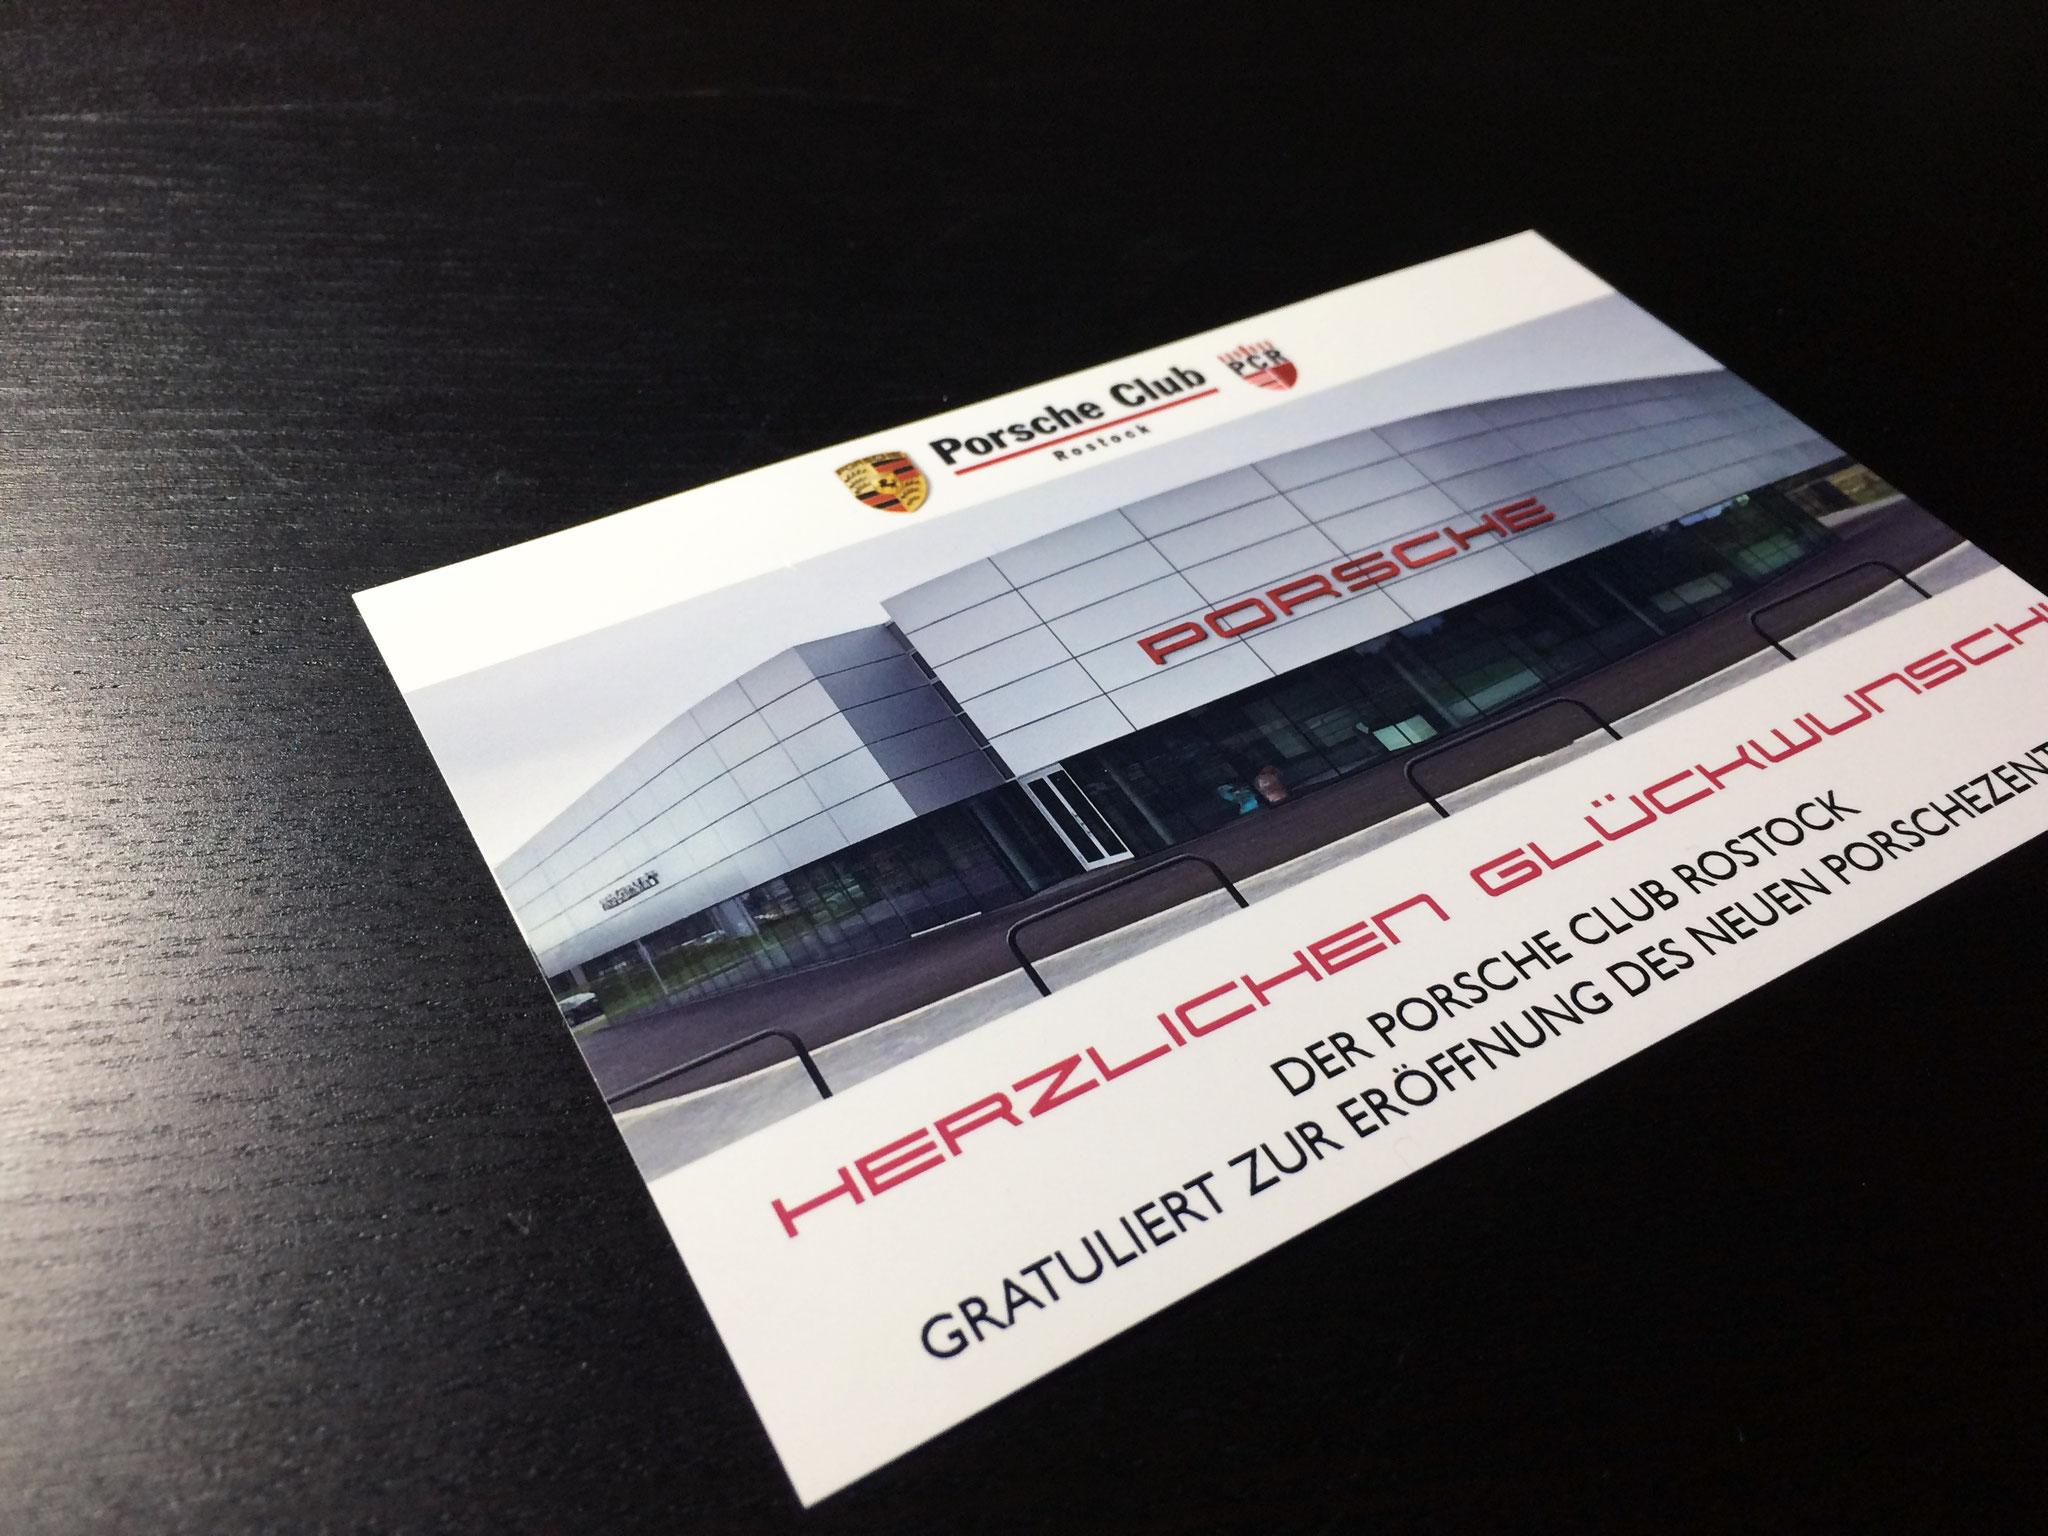 Gestaltung Glückwunschkarte nach Corporate Design Richtlinien